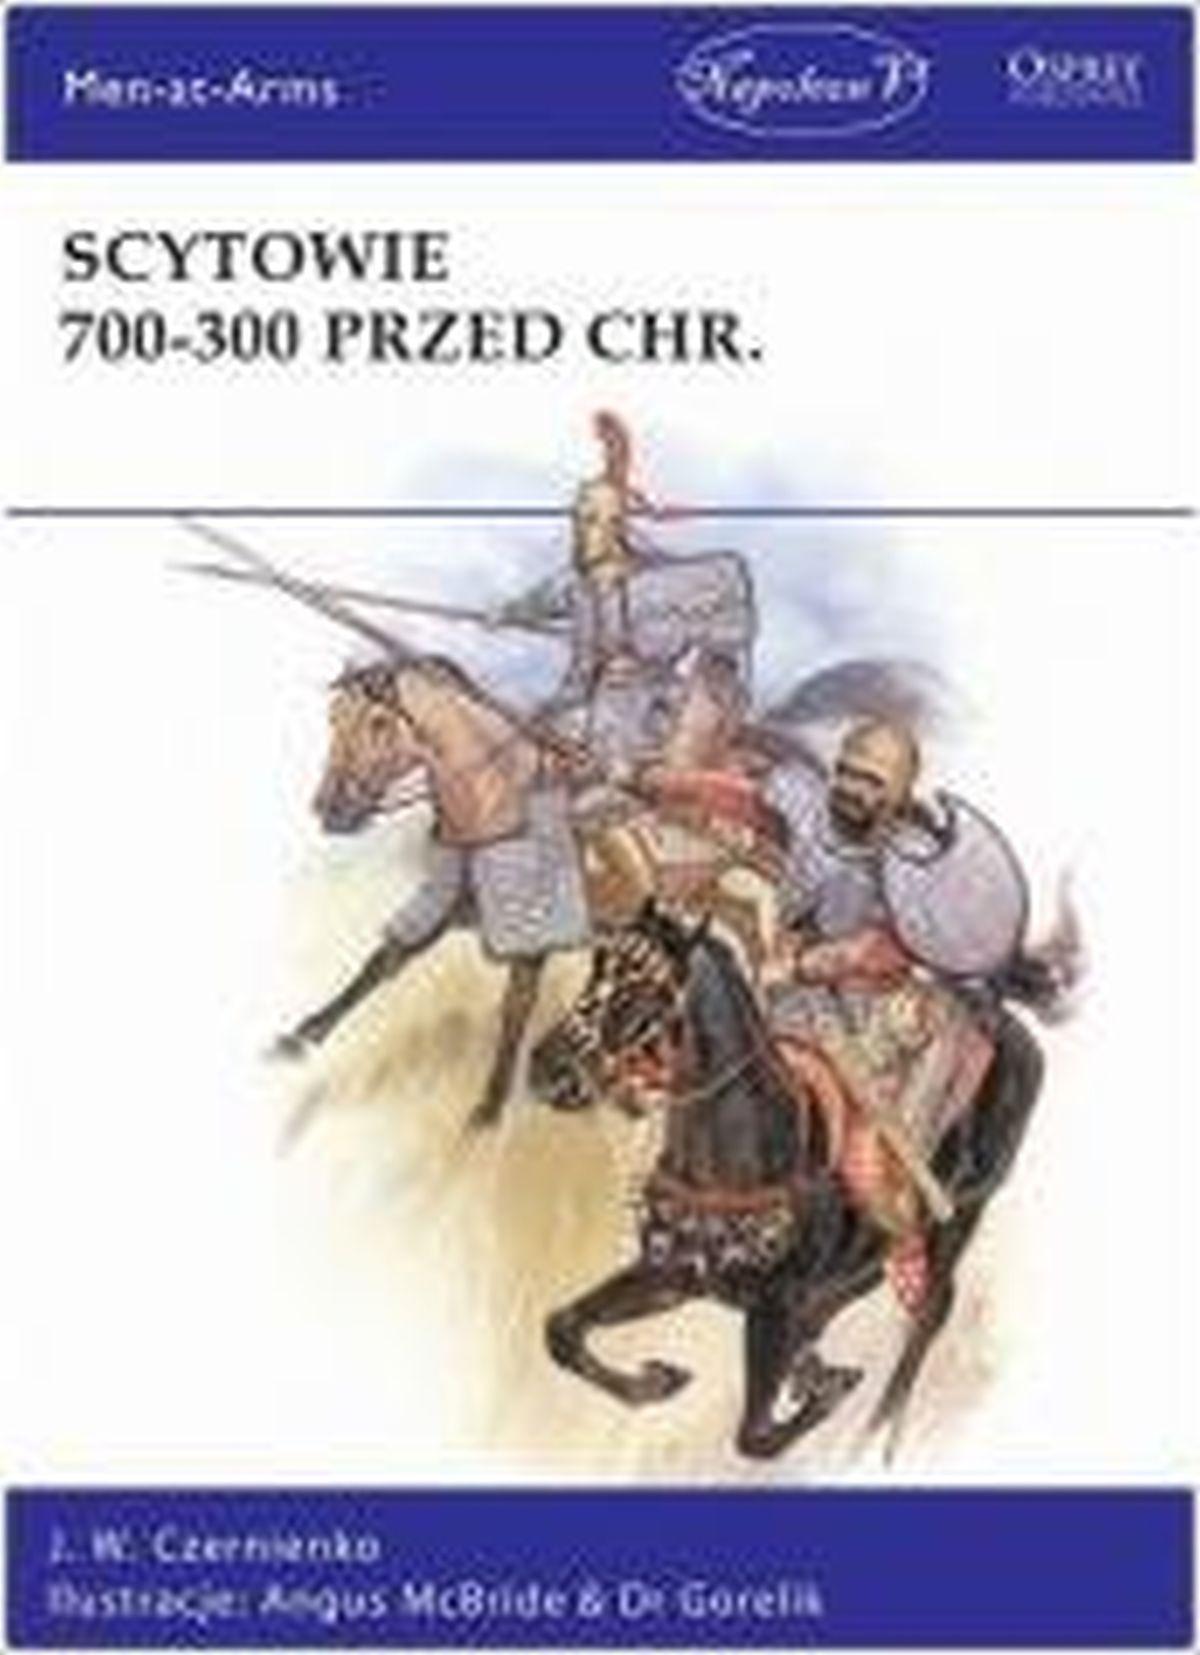 J.W. Czernienko, Scytowie 700-300 przed Chr.